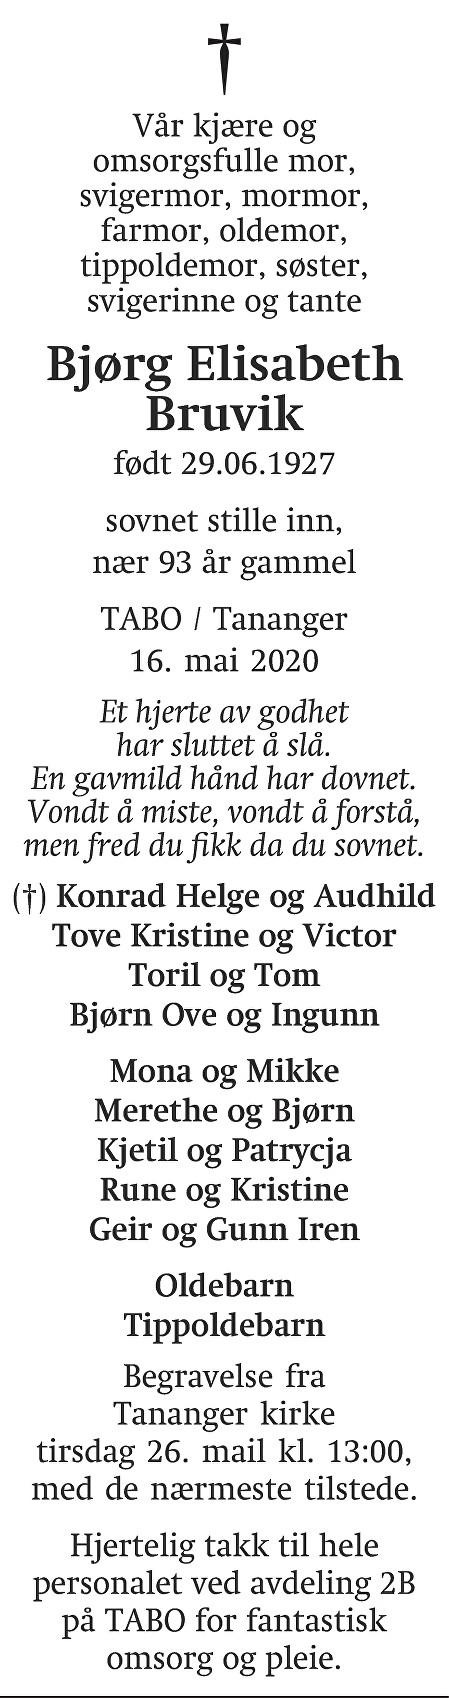 Bjørg Elisabeth Bruvik Dødsannonse